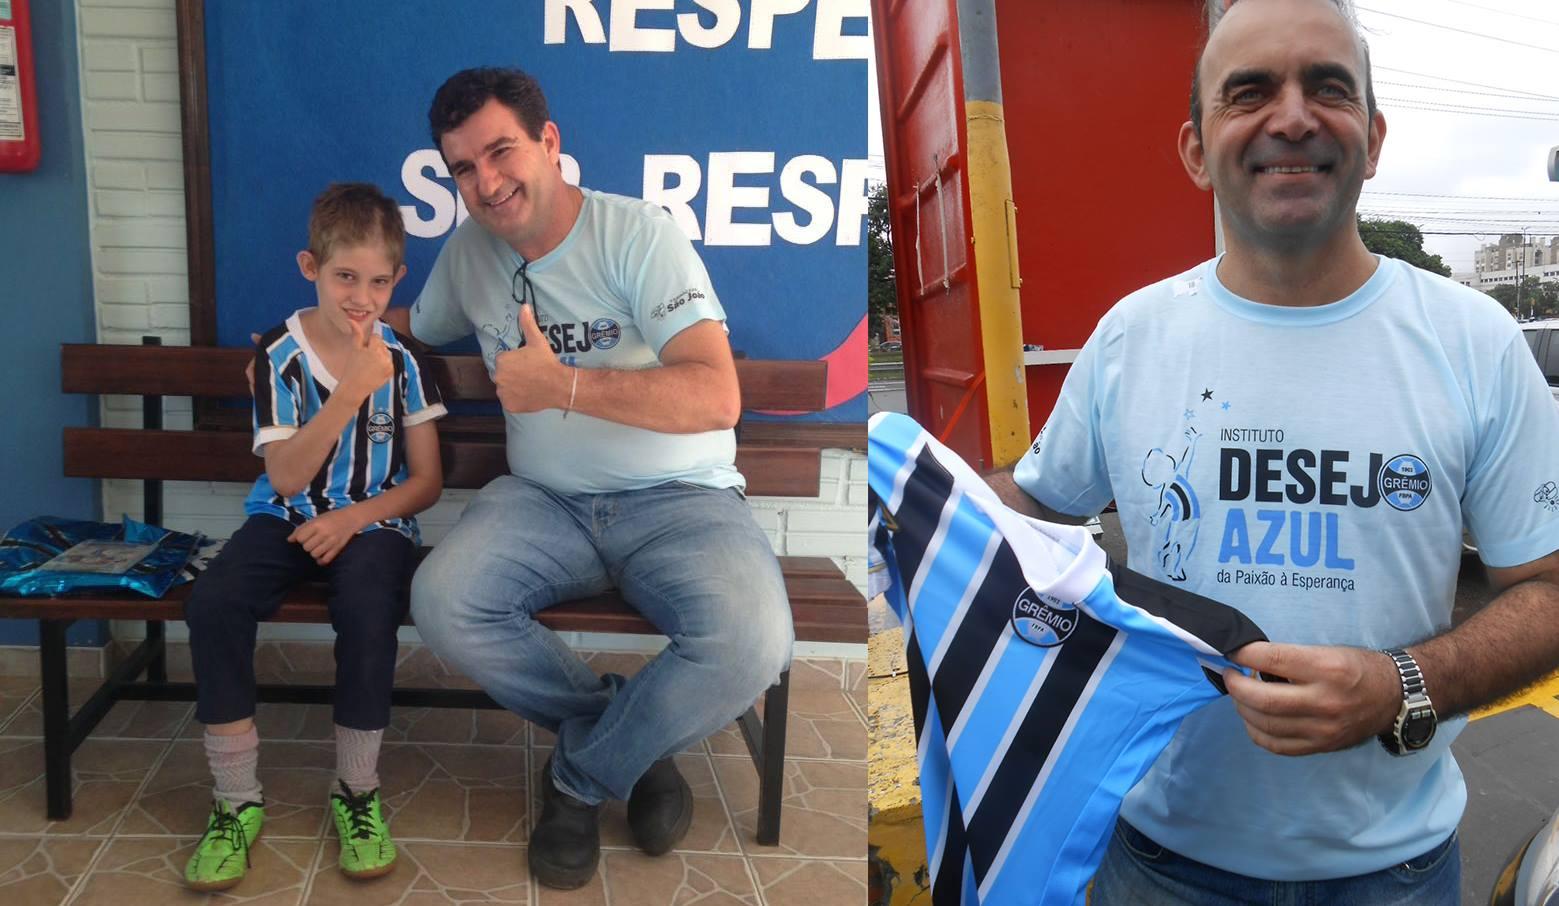 Vinicius faz acompanhamento na APAE de Encantado. Este tricolor estava muito feliz pois além do Grêmio ter se sagrado campeão gaúcho dias atrás ele recebeu a camiseta oficial do Rei de Copas. A ação contou com a participação dos voluntários Daniel Gianezini ( Encantado ) e Alexis Efremides ( Porto Alegre).